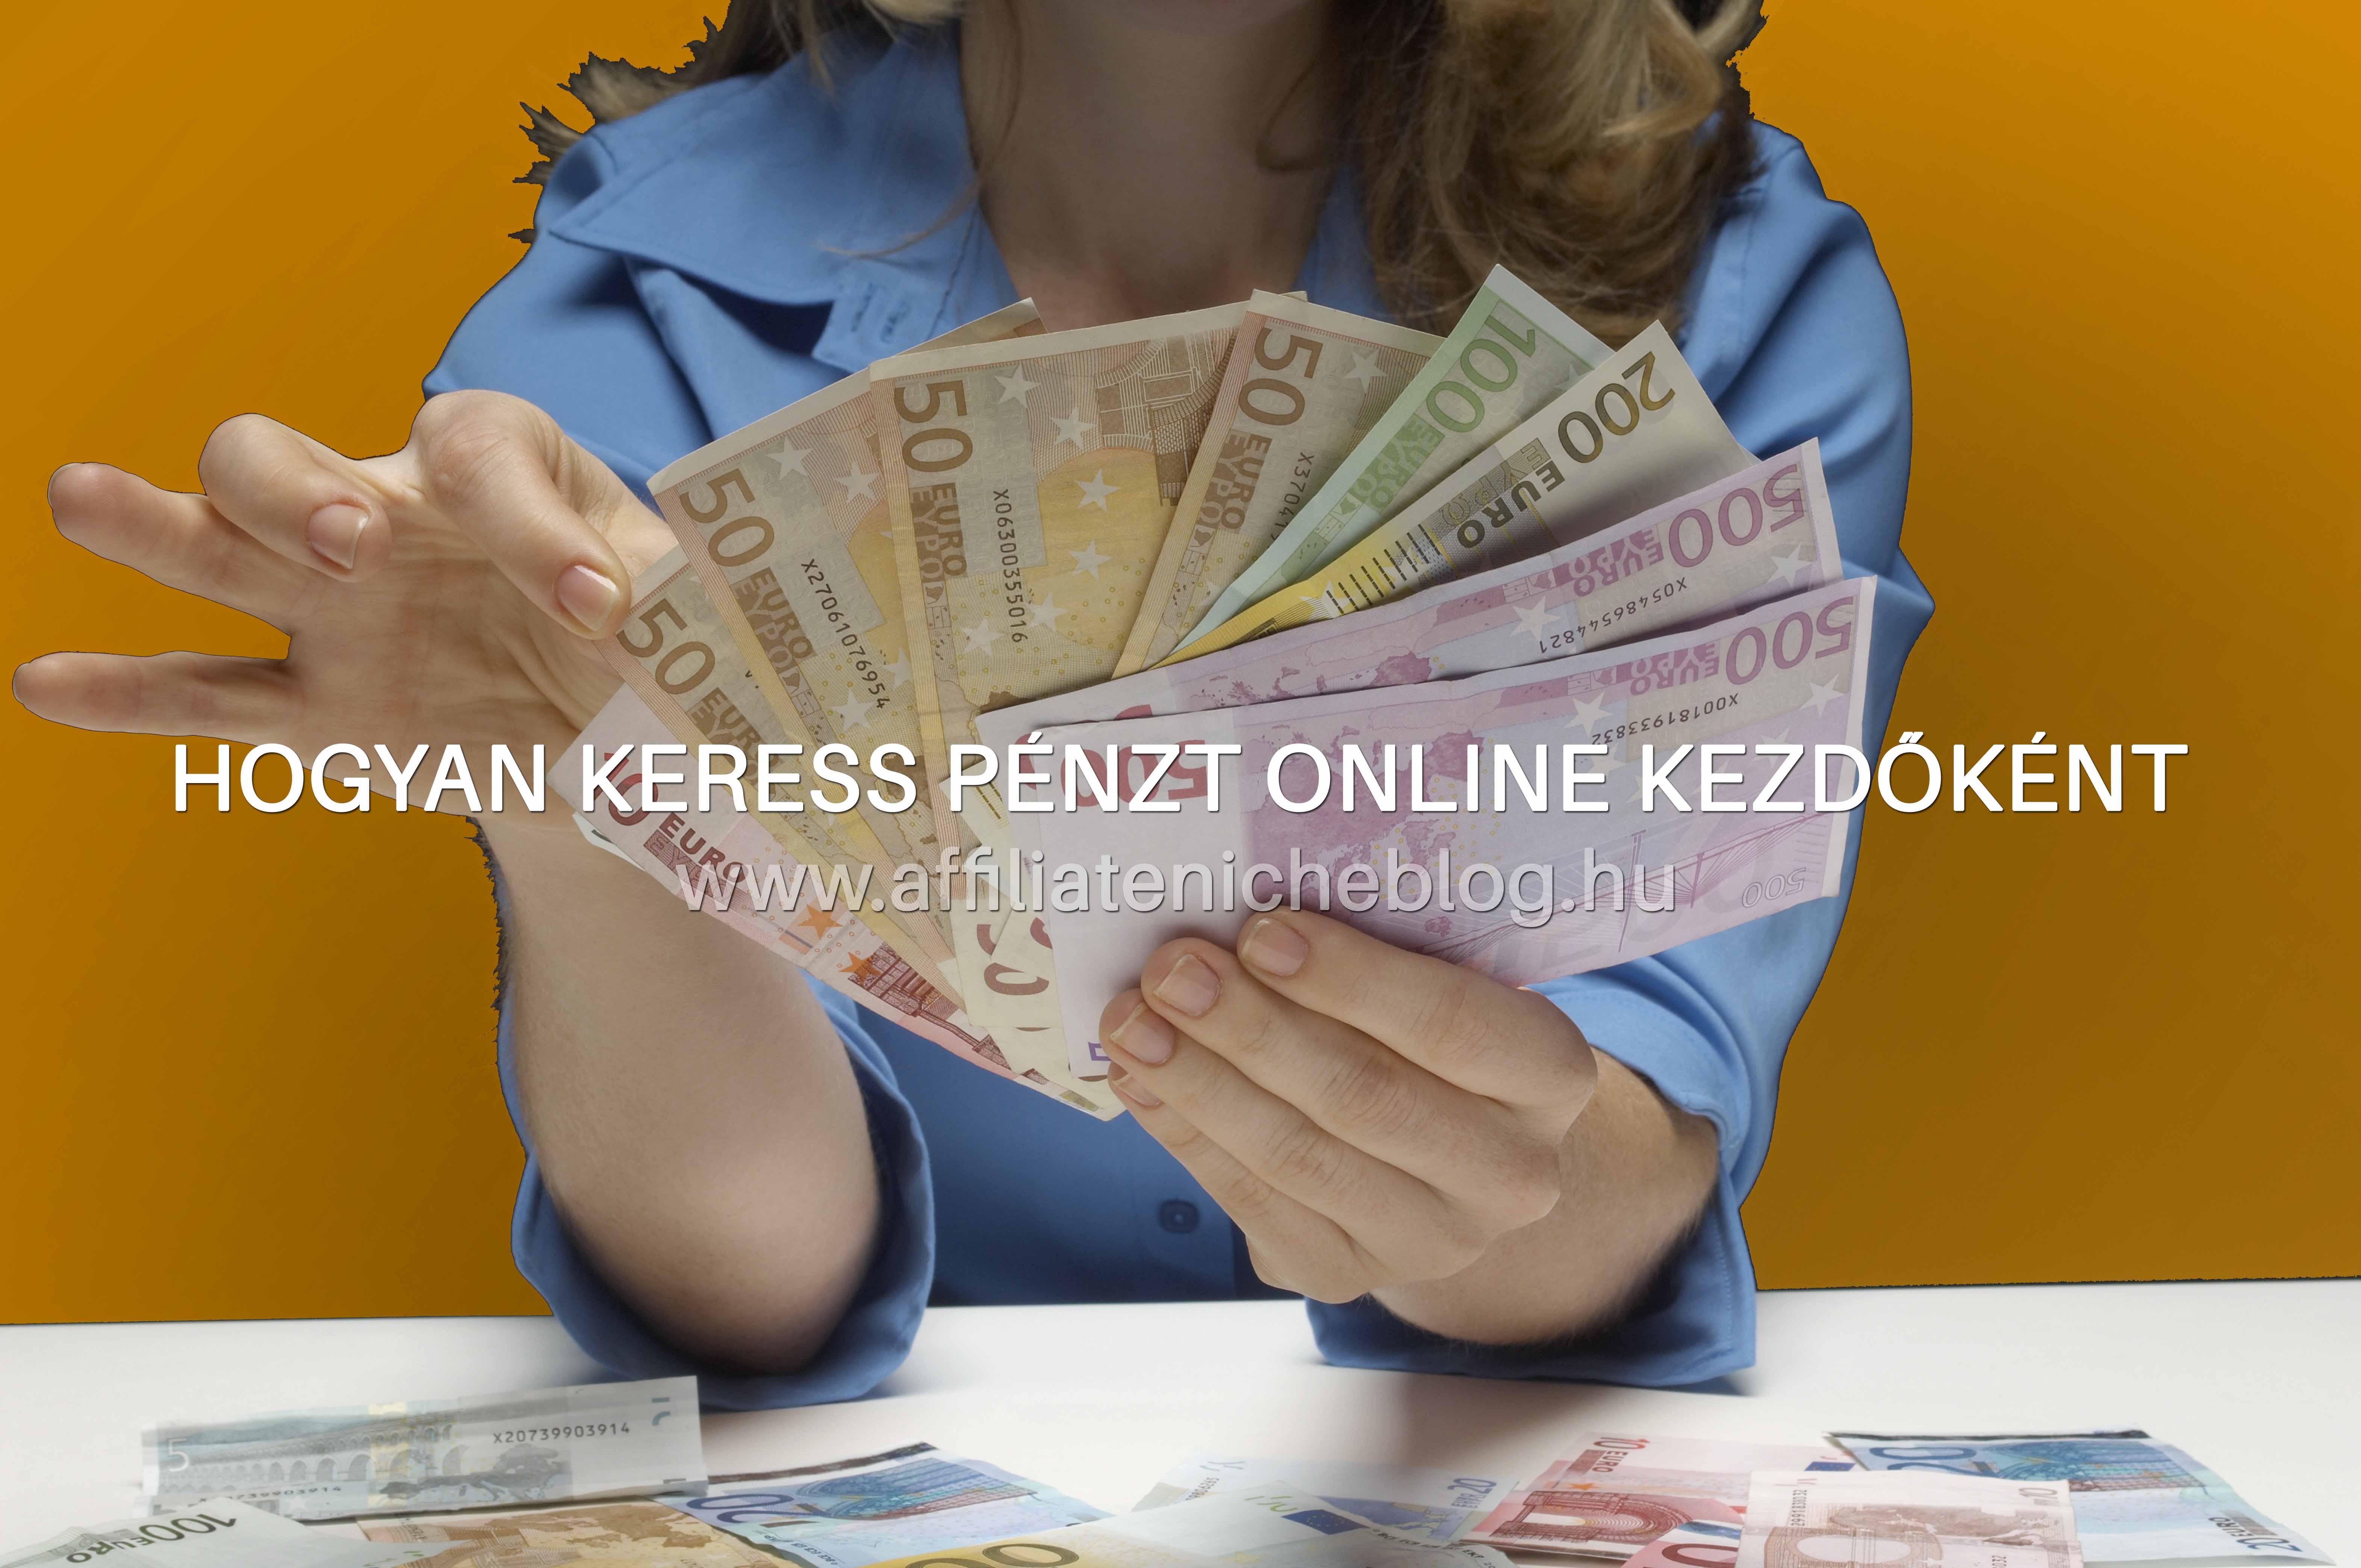 mondja el, hogyan lehet pénzt keresni az interneten)